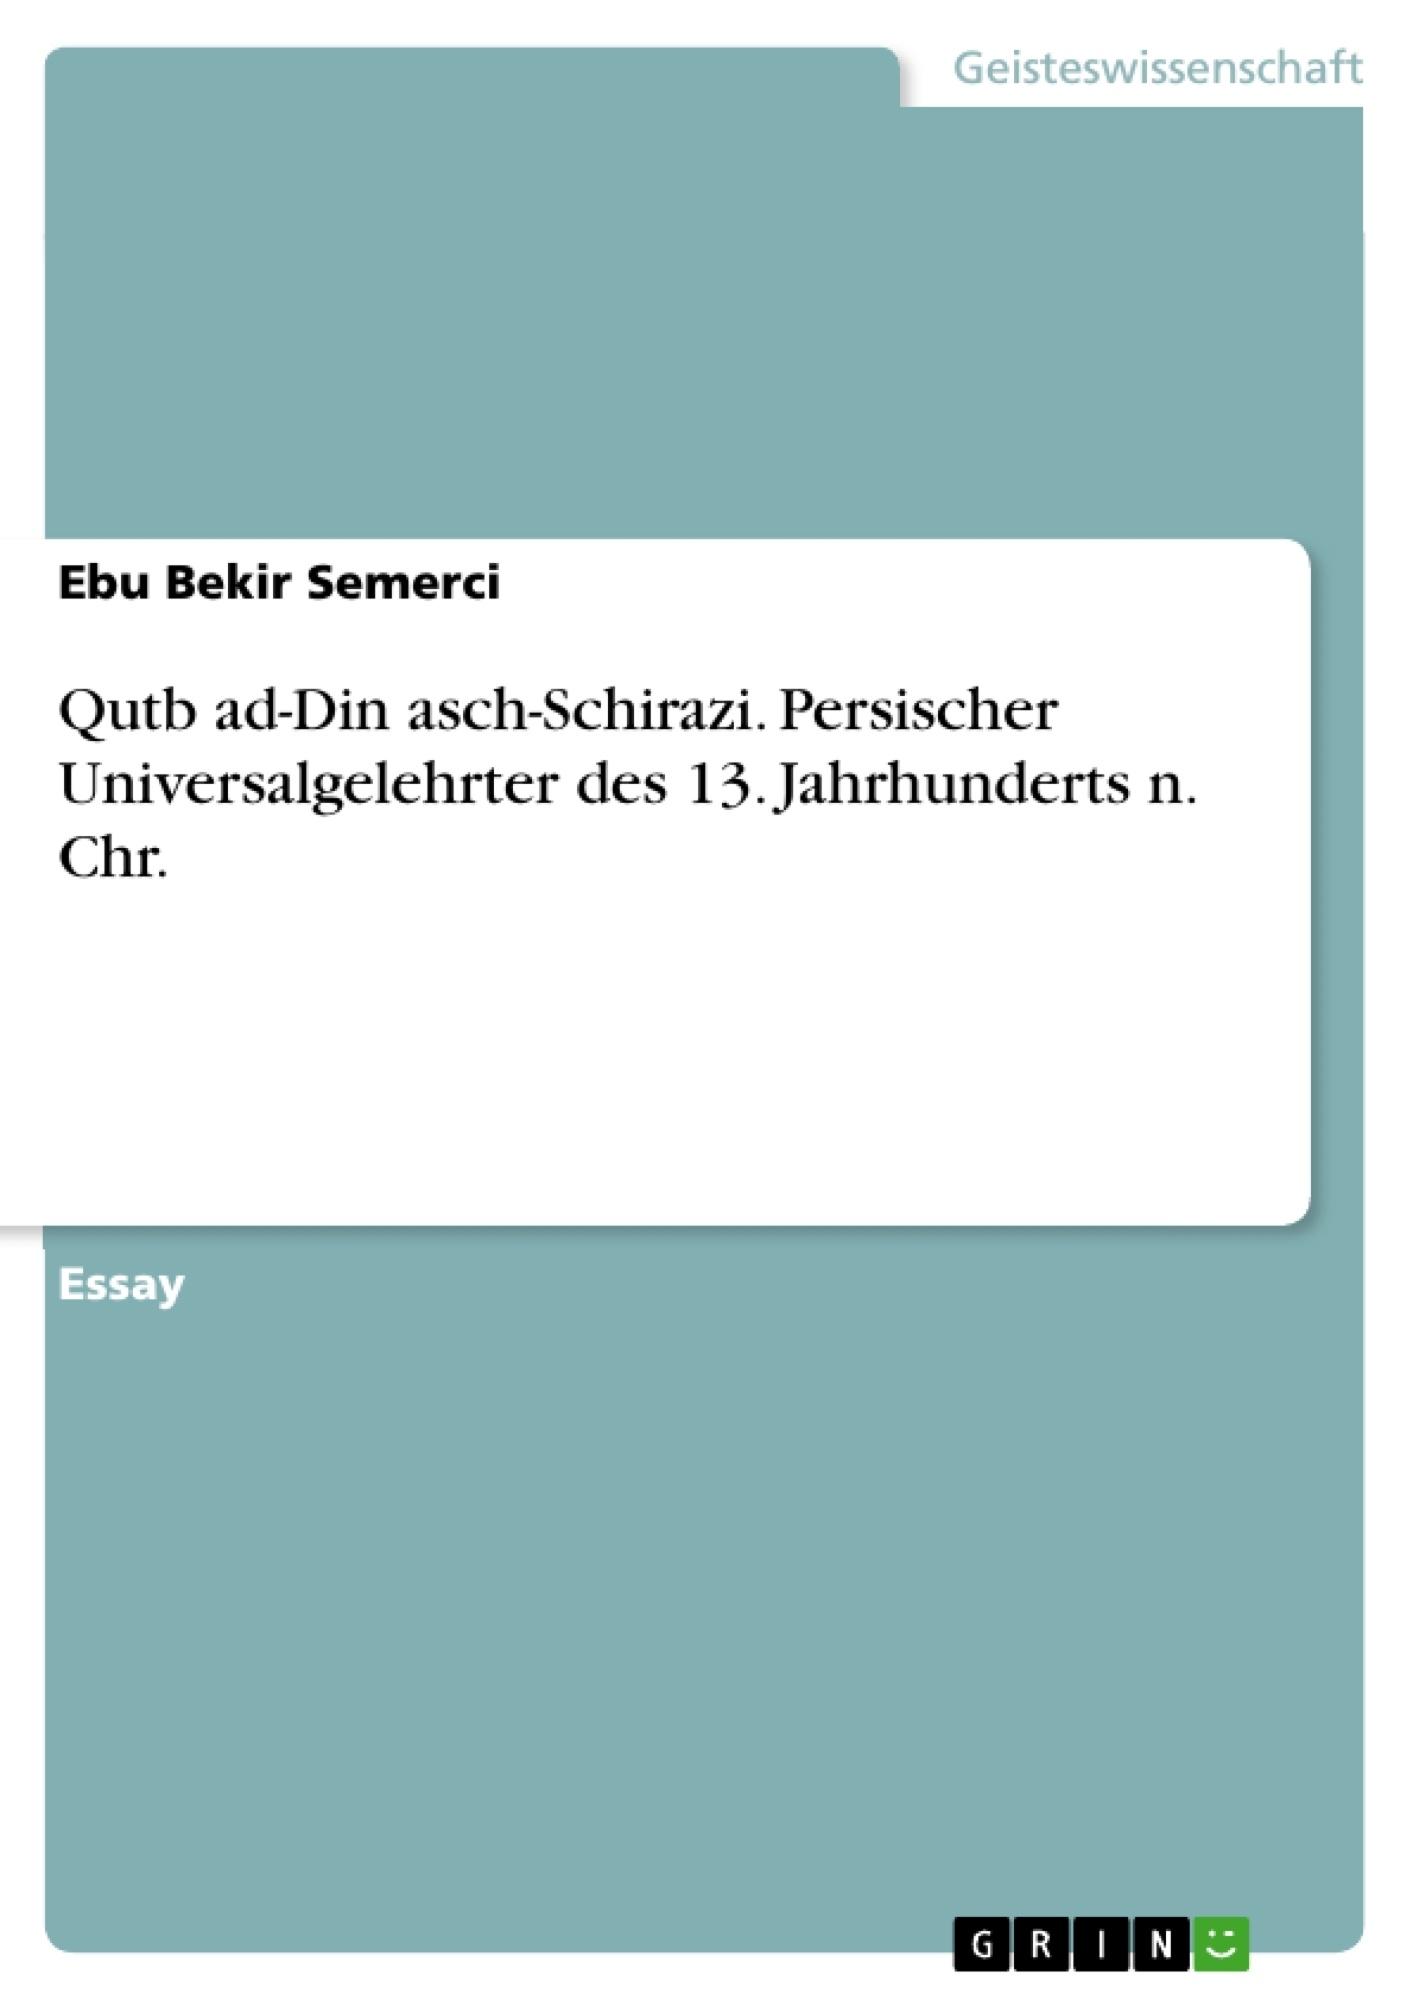 Titel: Qutb ad-Din asch-Schirazi. Persischer Universalgelehrter des 13. Jahrhunderts n. Chr.